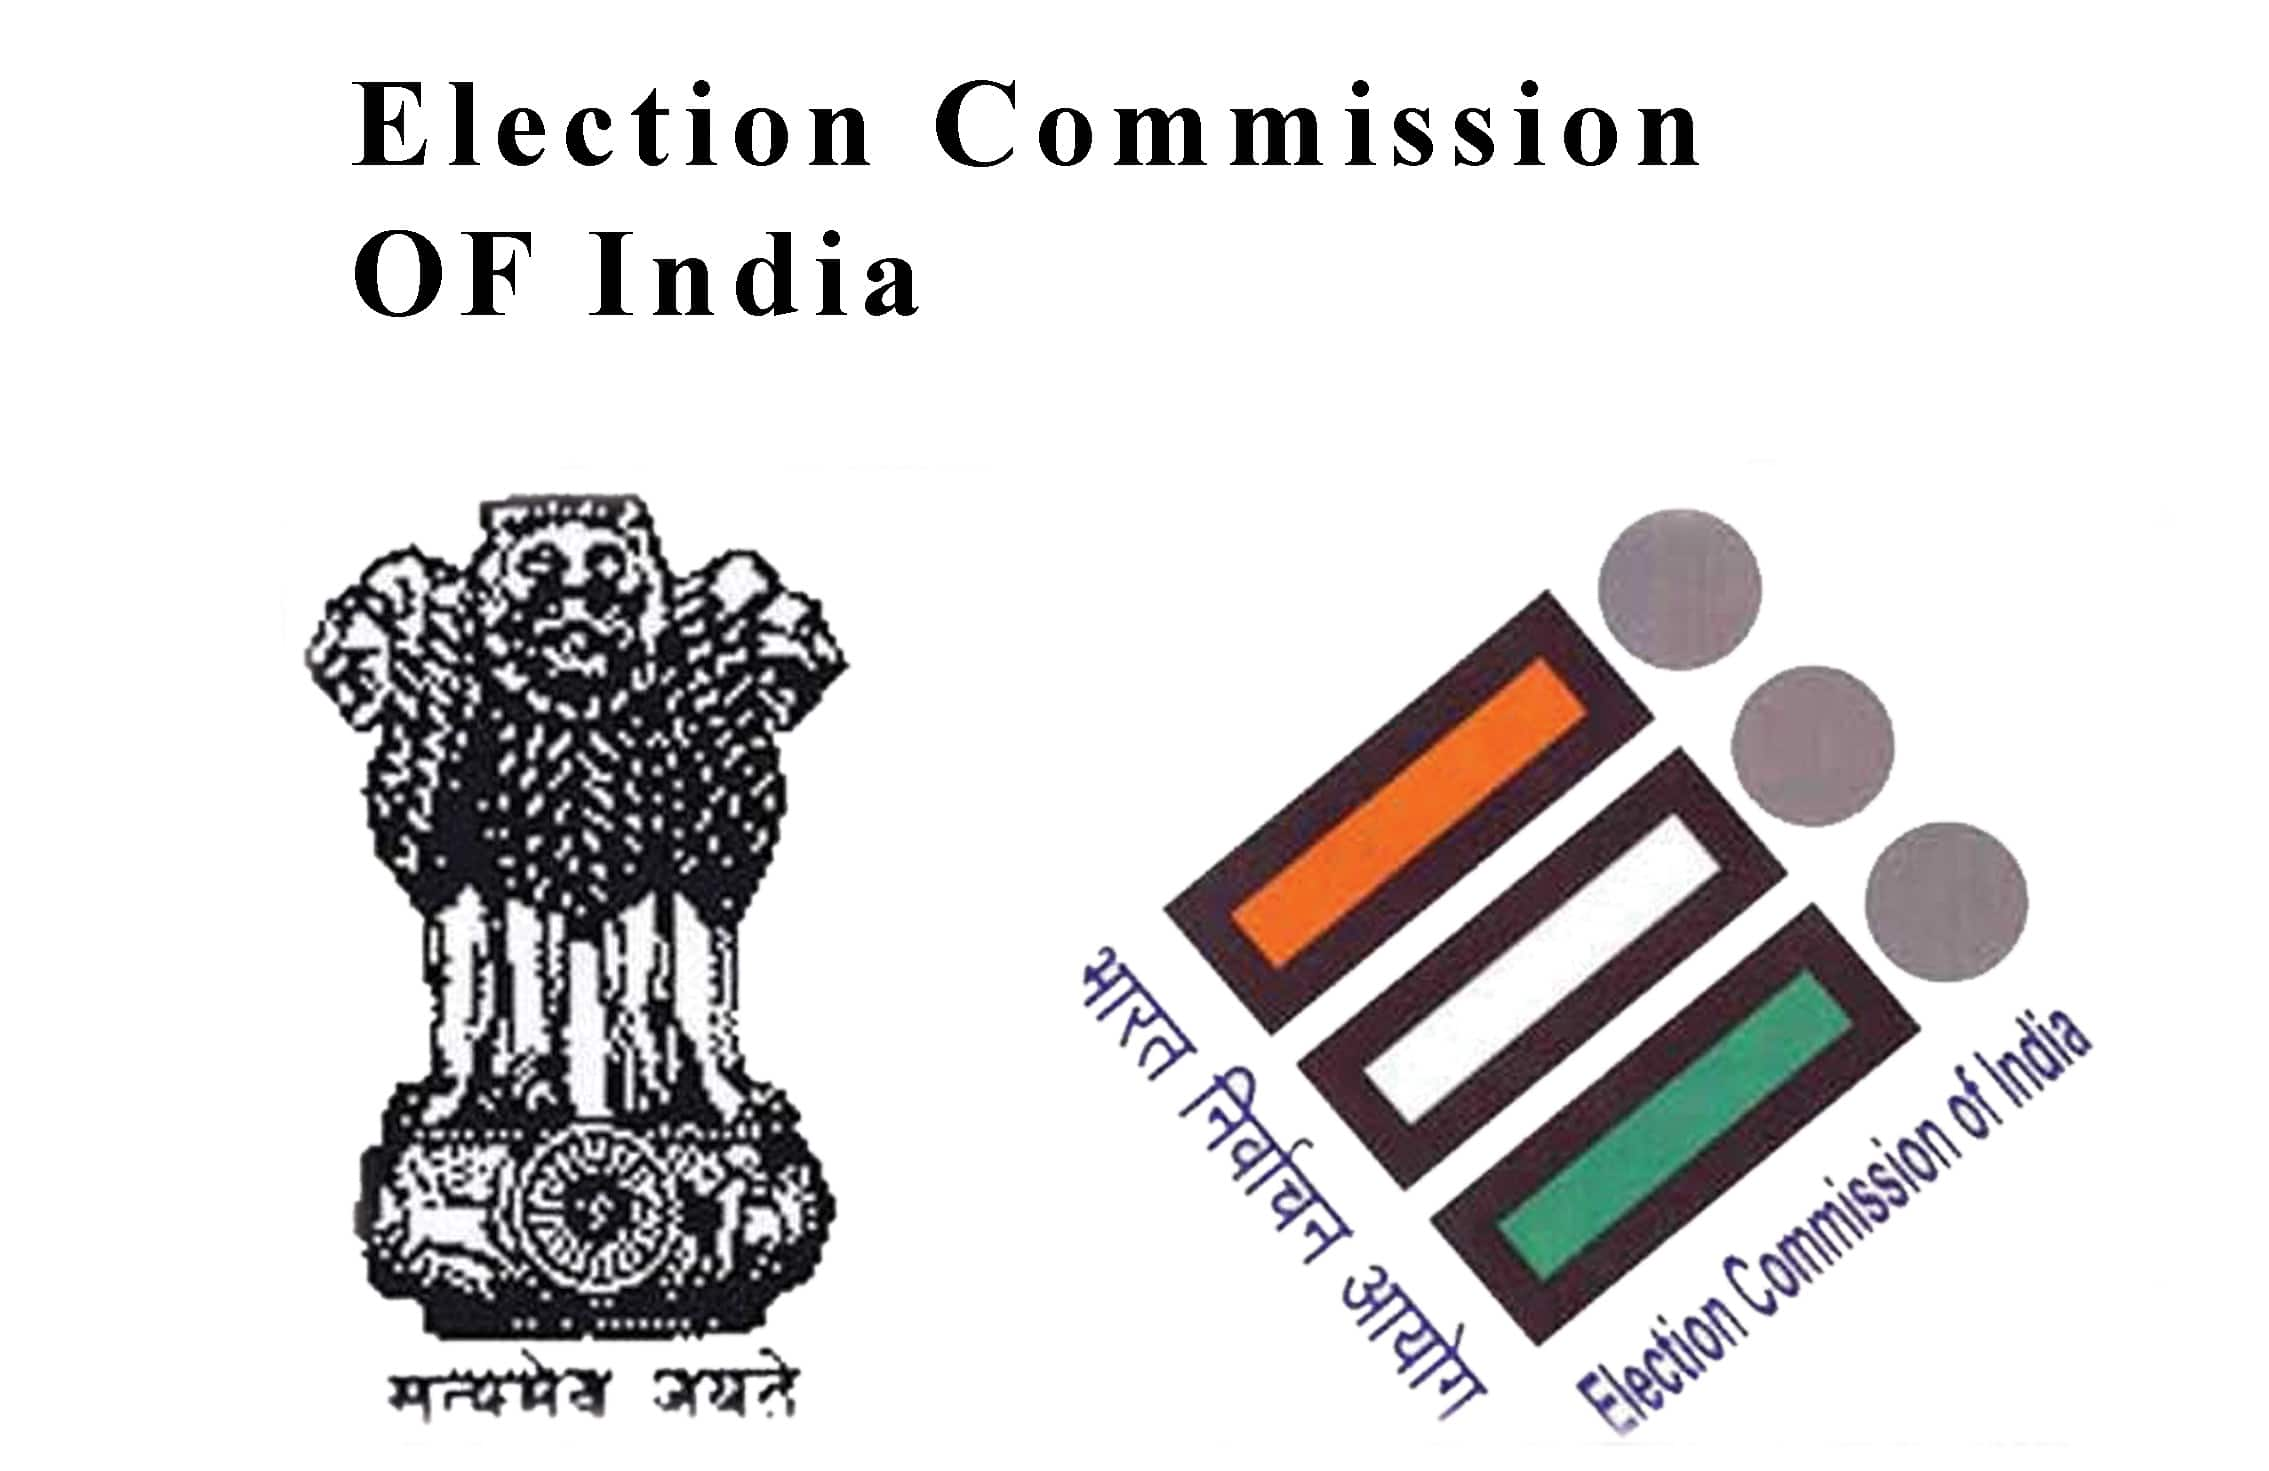 Rajmahal, Dumka and Godda goes to poll on May 19